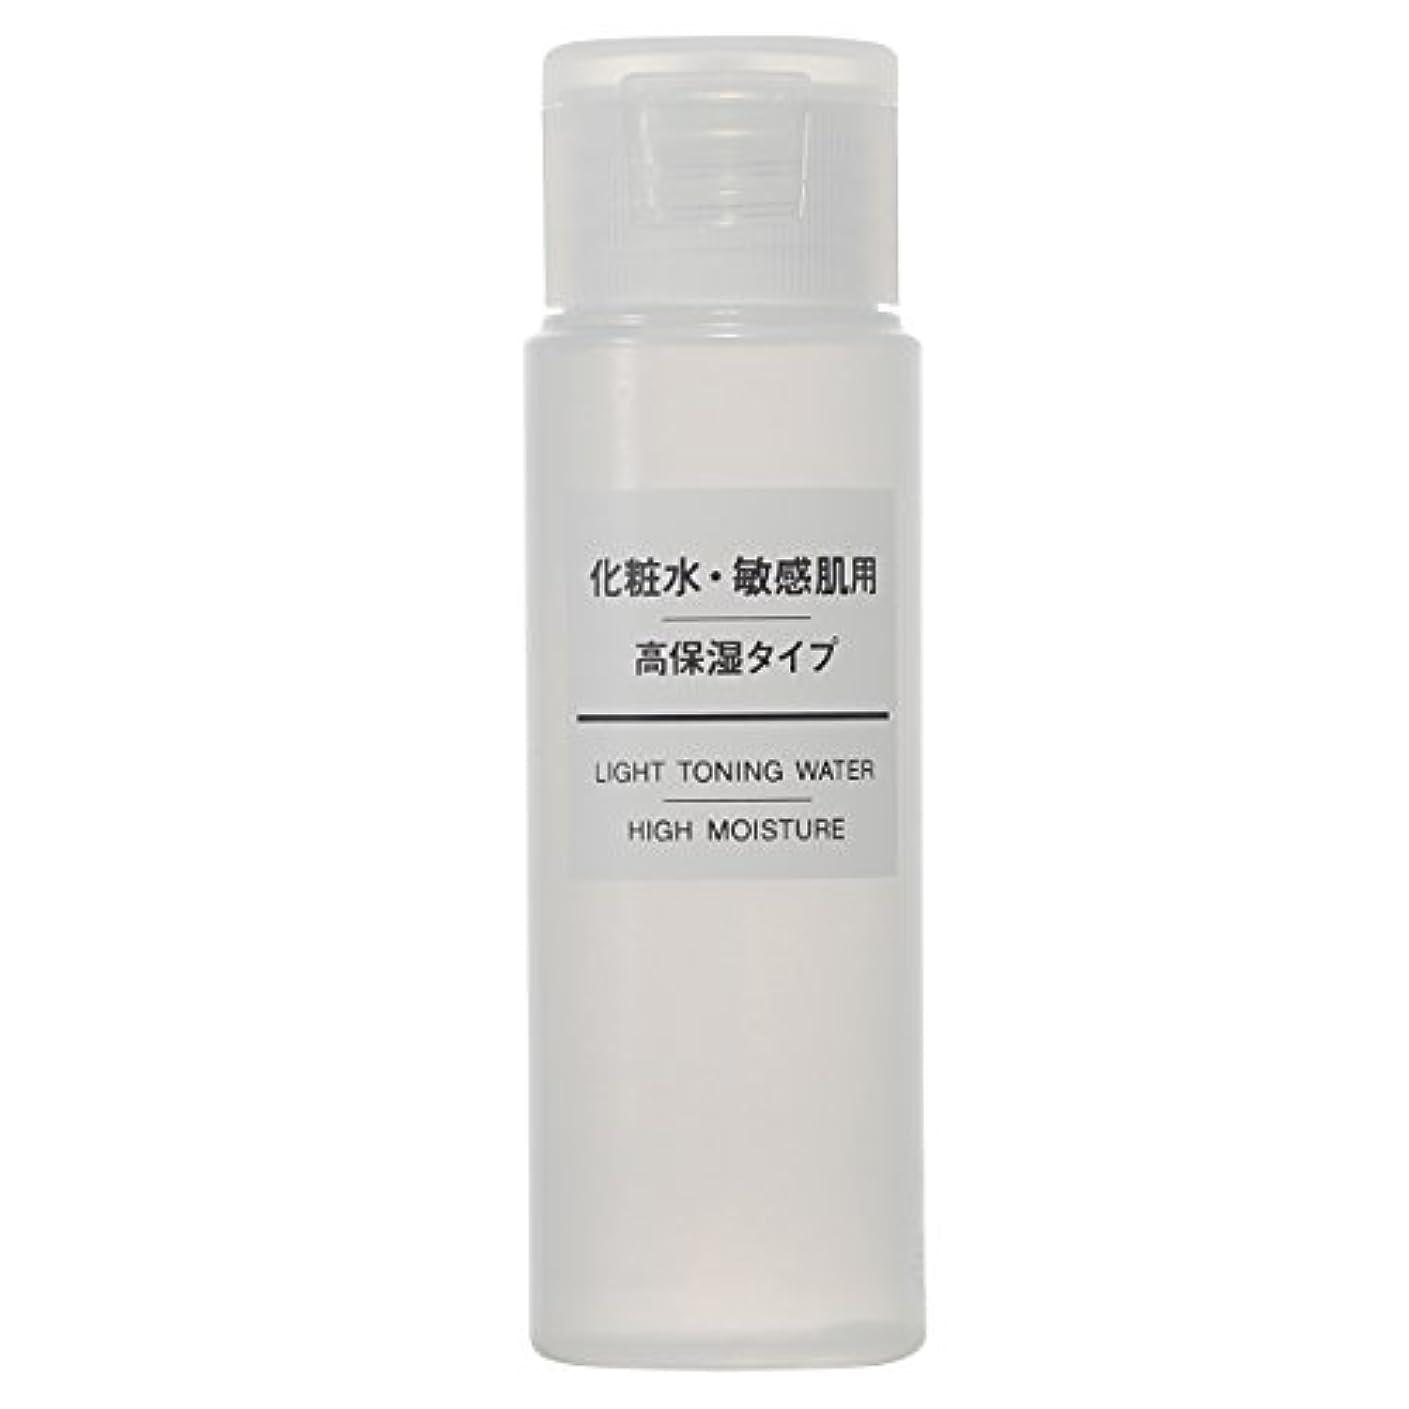 不正のり折る無印良品 化粧水 敏感肌用 高保湿タイプ(携帯用) 50ml